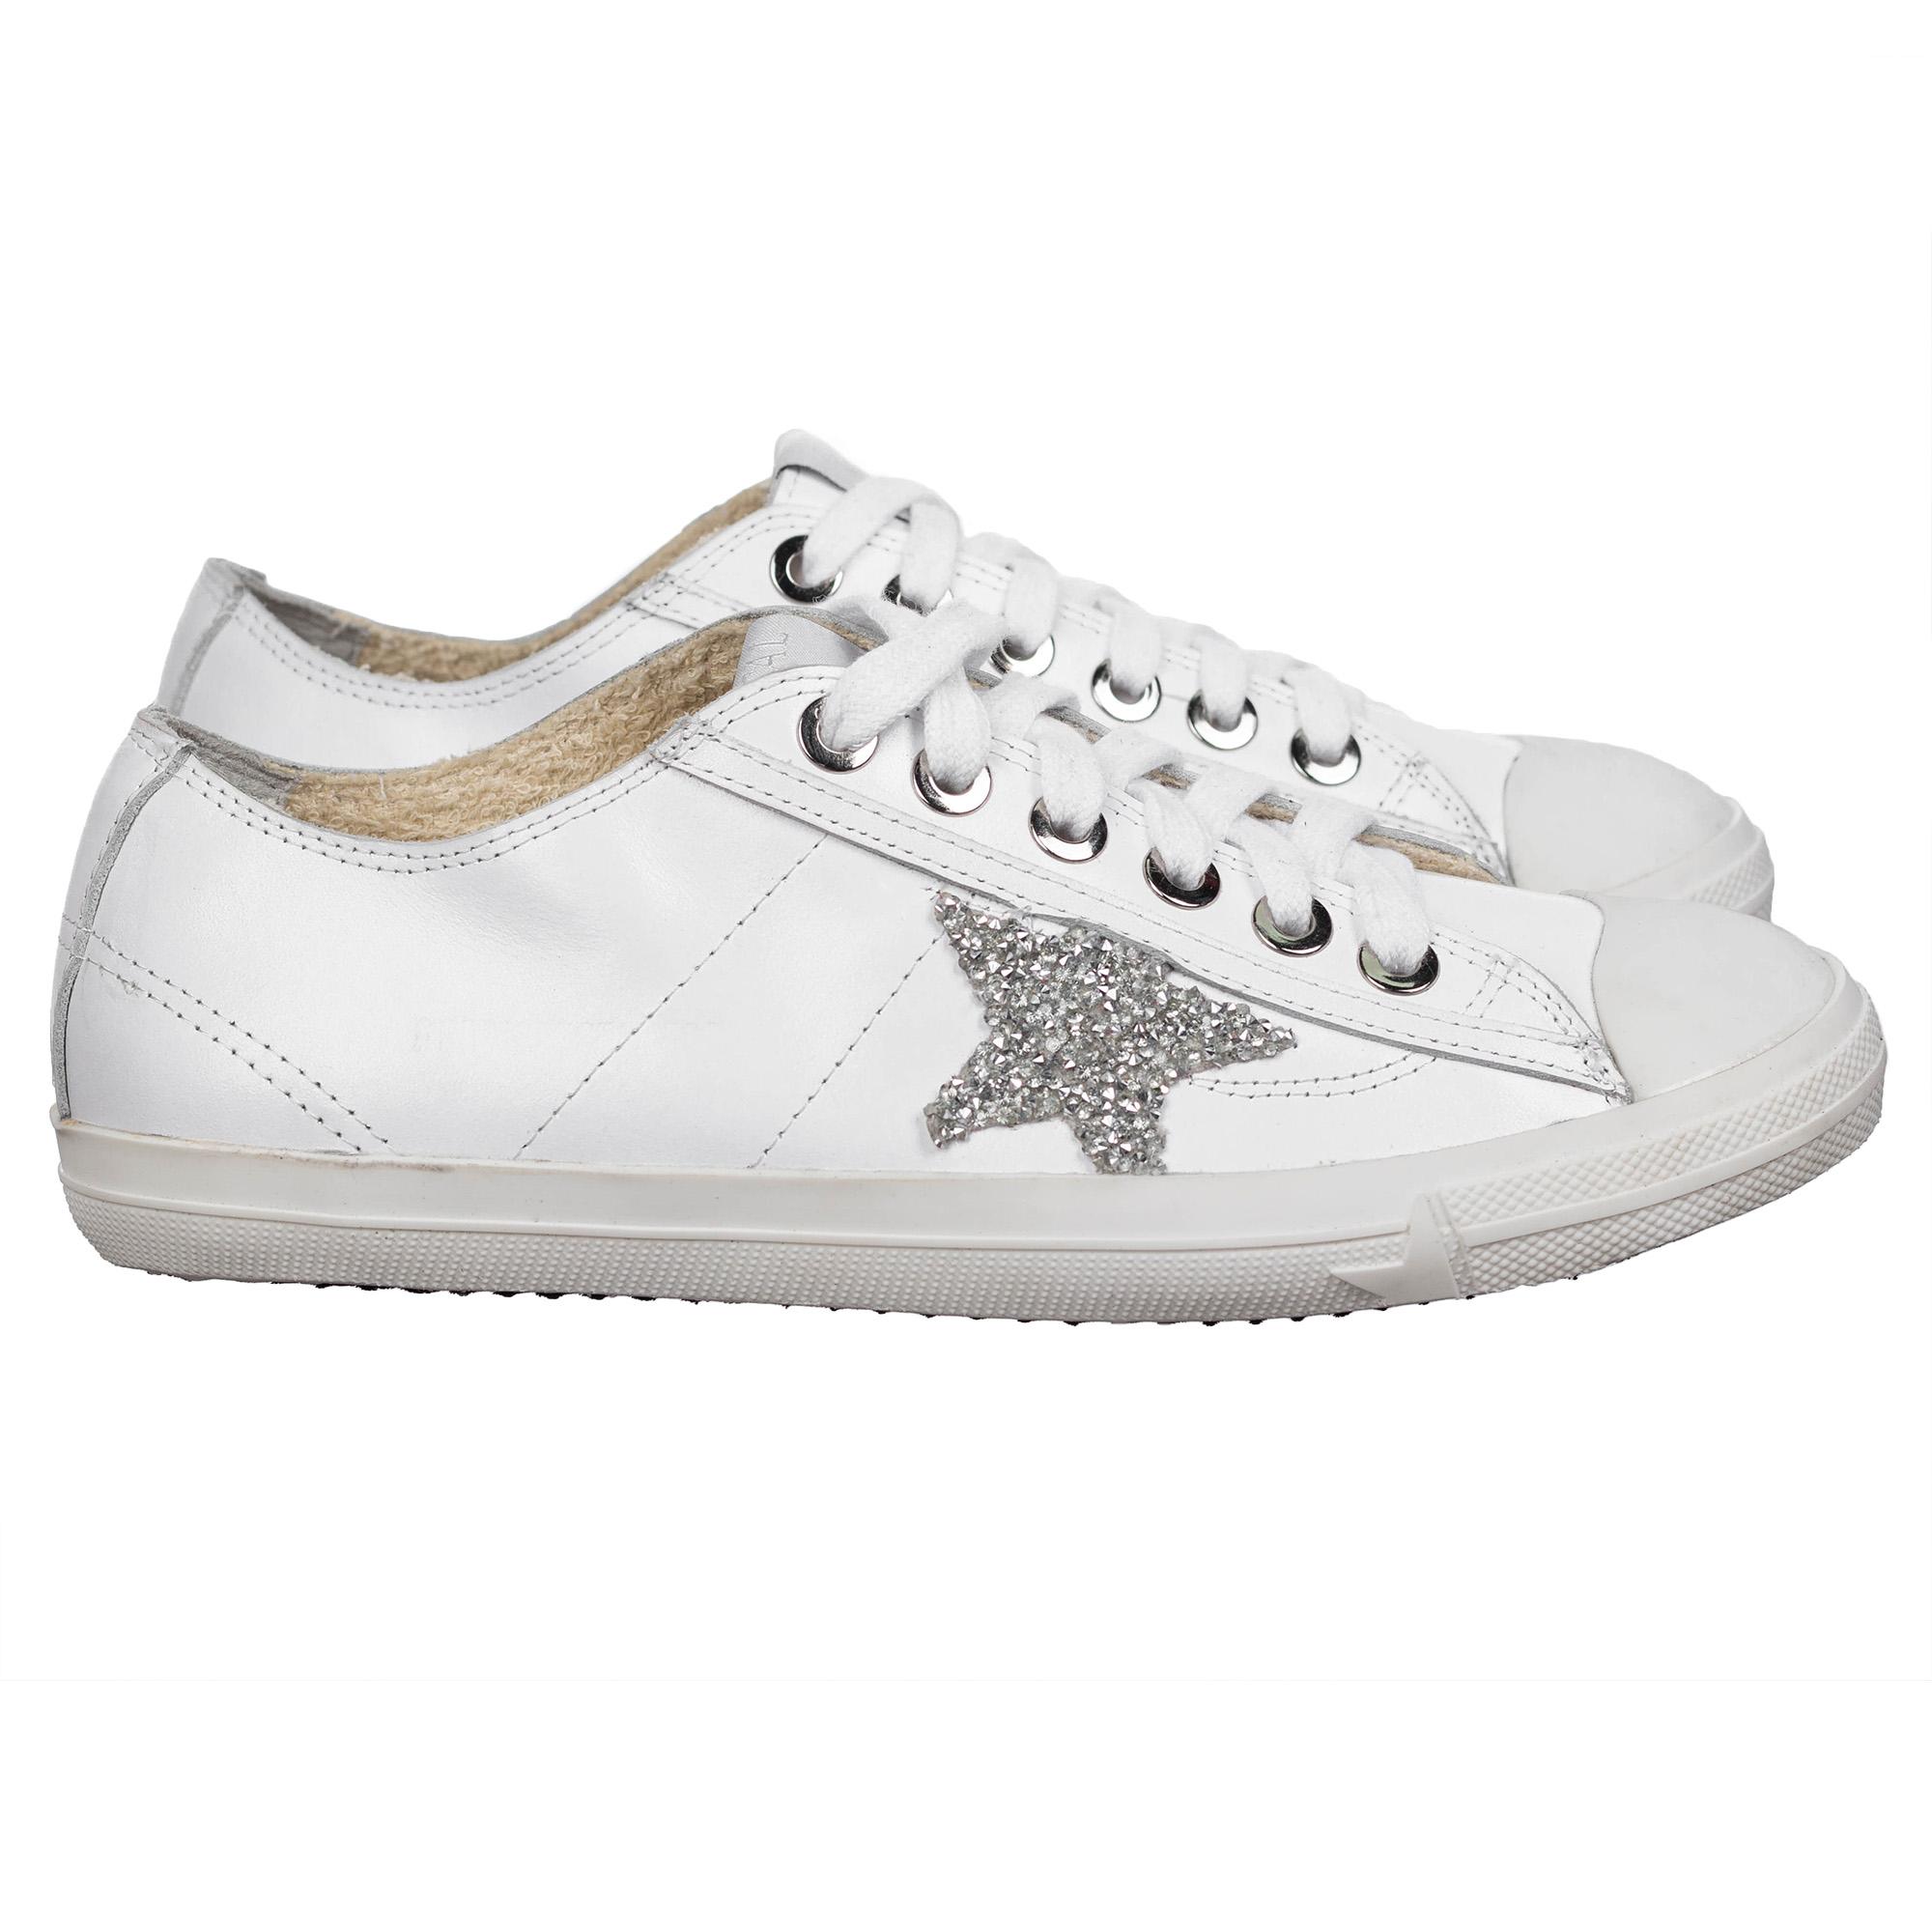 c5a467613b2a Белые кеды Golden Goose с серебряной звездой: купить женские ...